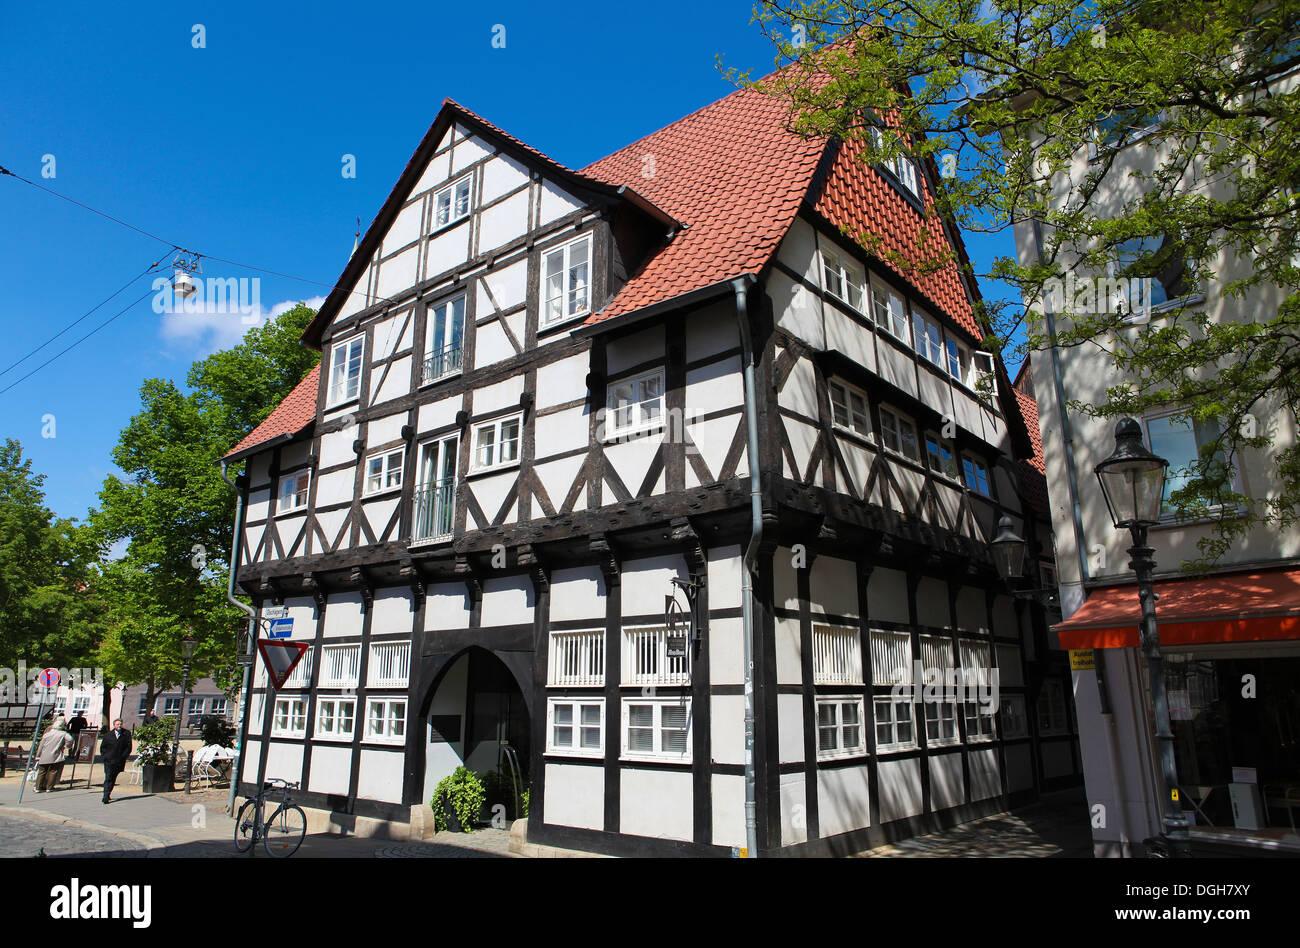 Magniviertel in Braunschweig, Niedersachsen, Deutschland. Stockbild